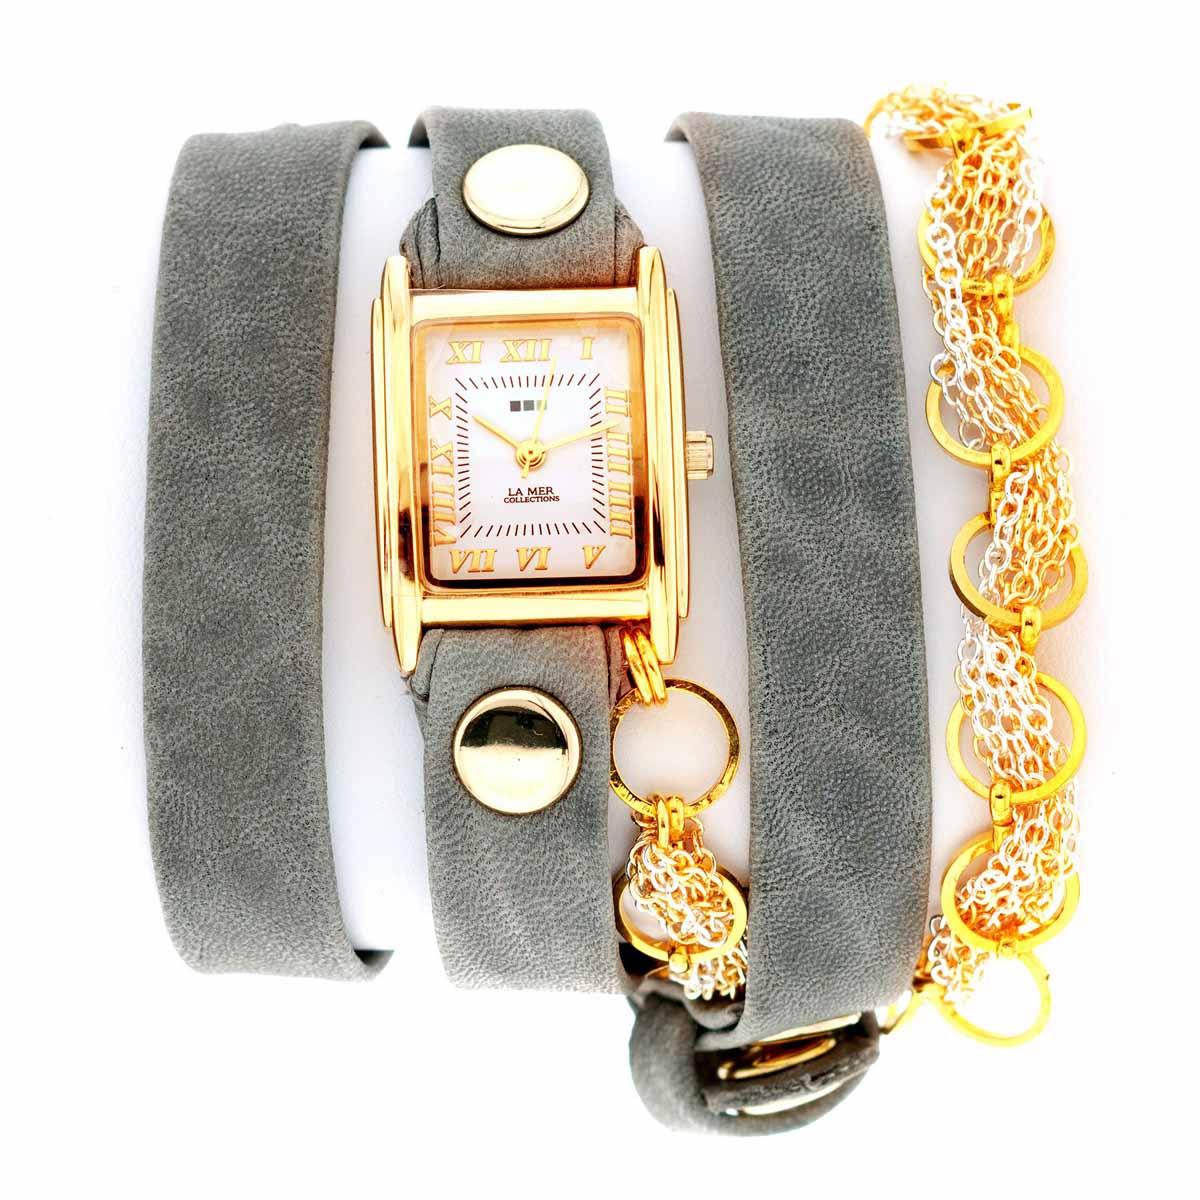 Часы наручные женские La Mer Collections Chain Volcanic Cement Gold. LMSCW6004BLMSCW6004BЧасы оснащены японским кварцевым механизмом. Корпус прямоугольной формы выполнен из нержавеющей стали золотистого цвета. Оригинальный кожаный ремешок серого цвета отделан металлическими клепками и дополнен связкой цепочек. Каждая модель женских наручных часов La Mer Collections имеет эксклюзивный дизайн, в основу которого положено необычное сочетание классических циферблатов с удлиненными кожаными ремешками. Оборачиваясь вокруг запястья несколько раз, они образуют эффект кожаного браслета, превращая часы в женственный аксессуар, который великолепно дополнит другие аксессуары и весь образ в целом. Дизайн La Mer Collections отвечает всем последним тенденциям моды и превосходно сочетается с модными сумками, ремнями, обувью и другими элементами гардероба современных девушек. Часы La Mer - это еще и отличный подарок любимой девушке, сестре или подруге на день рождения, восьмое марта или новый год!